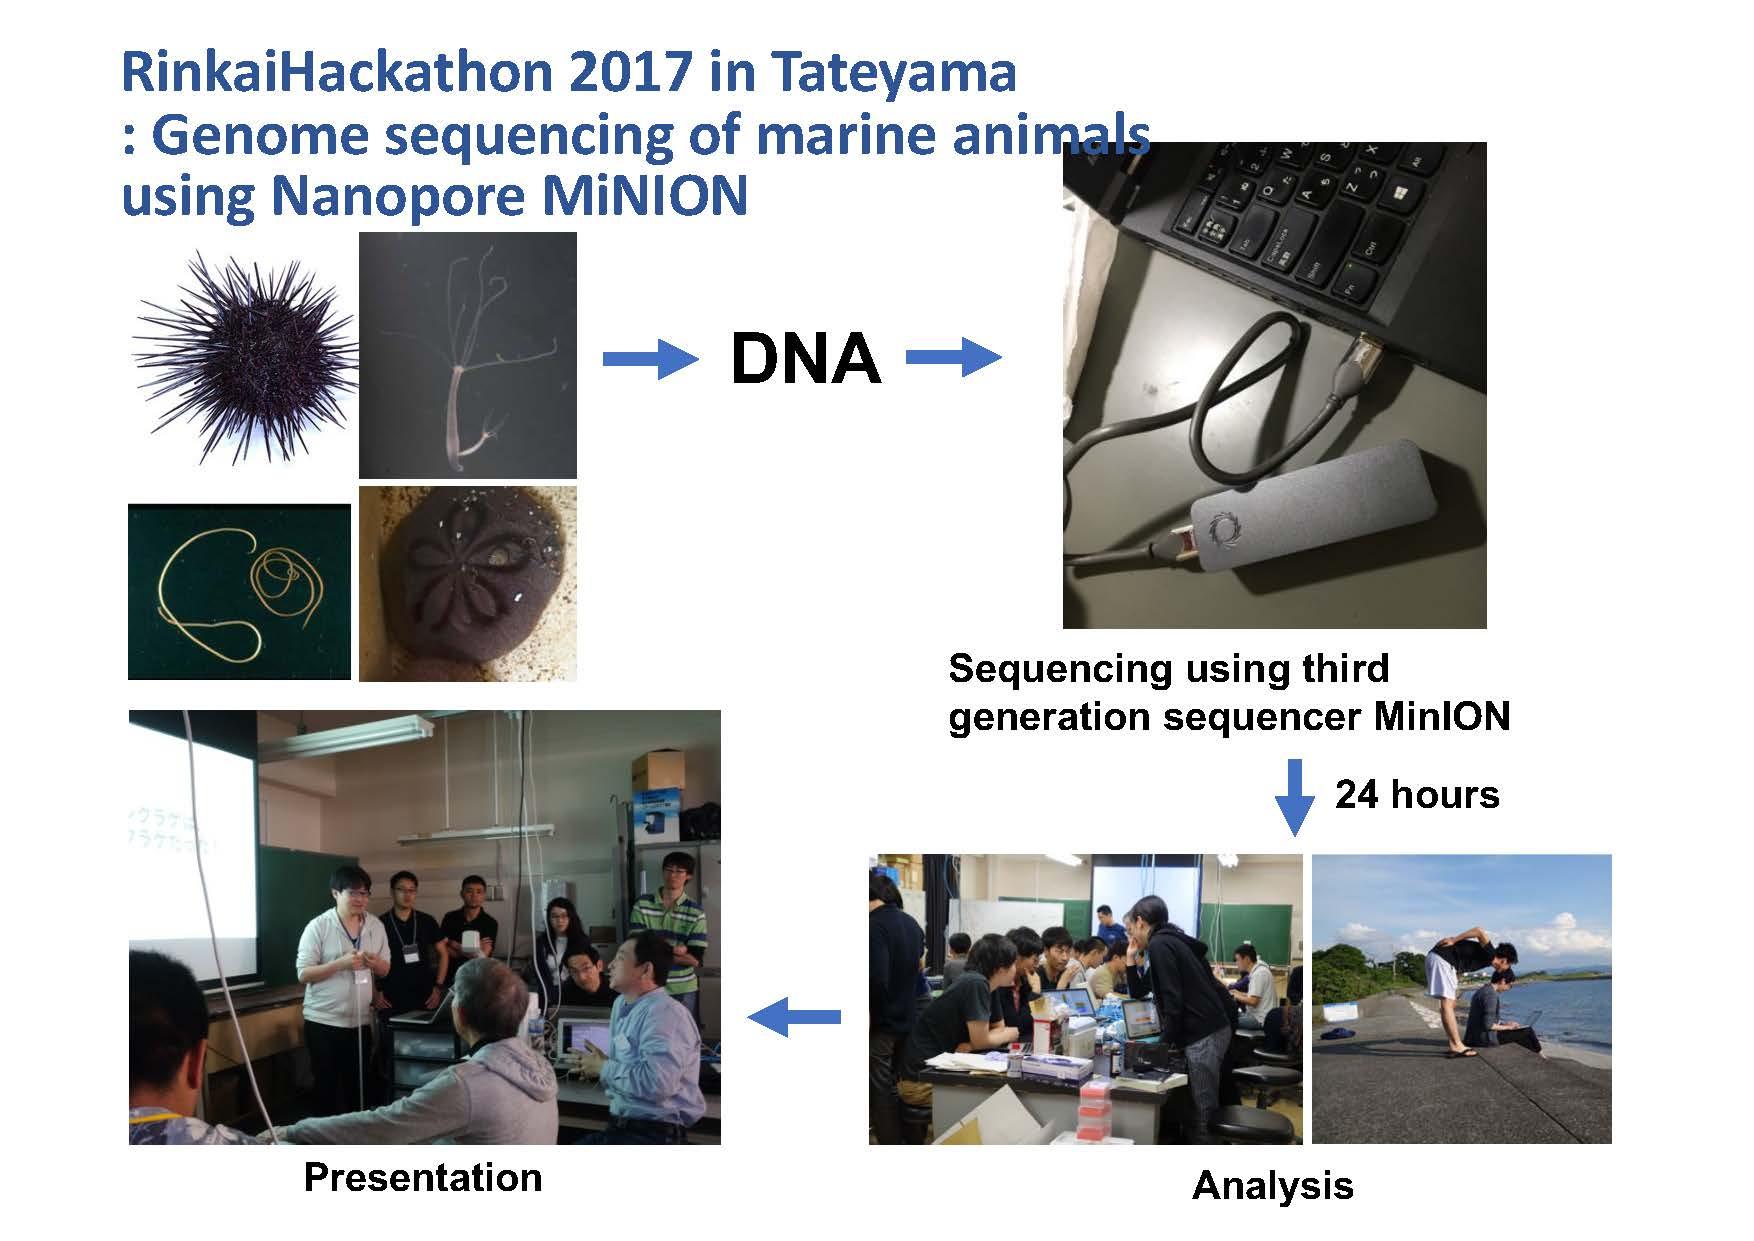 Rinkai Hackathon information page 4